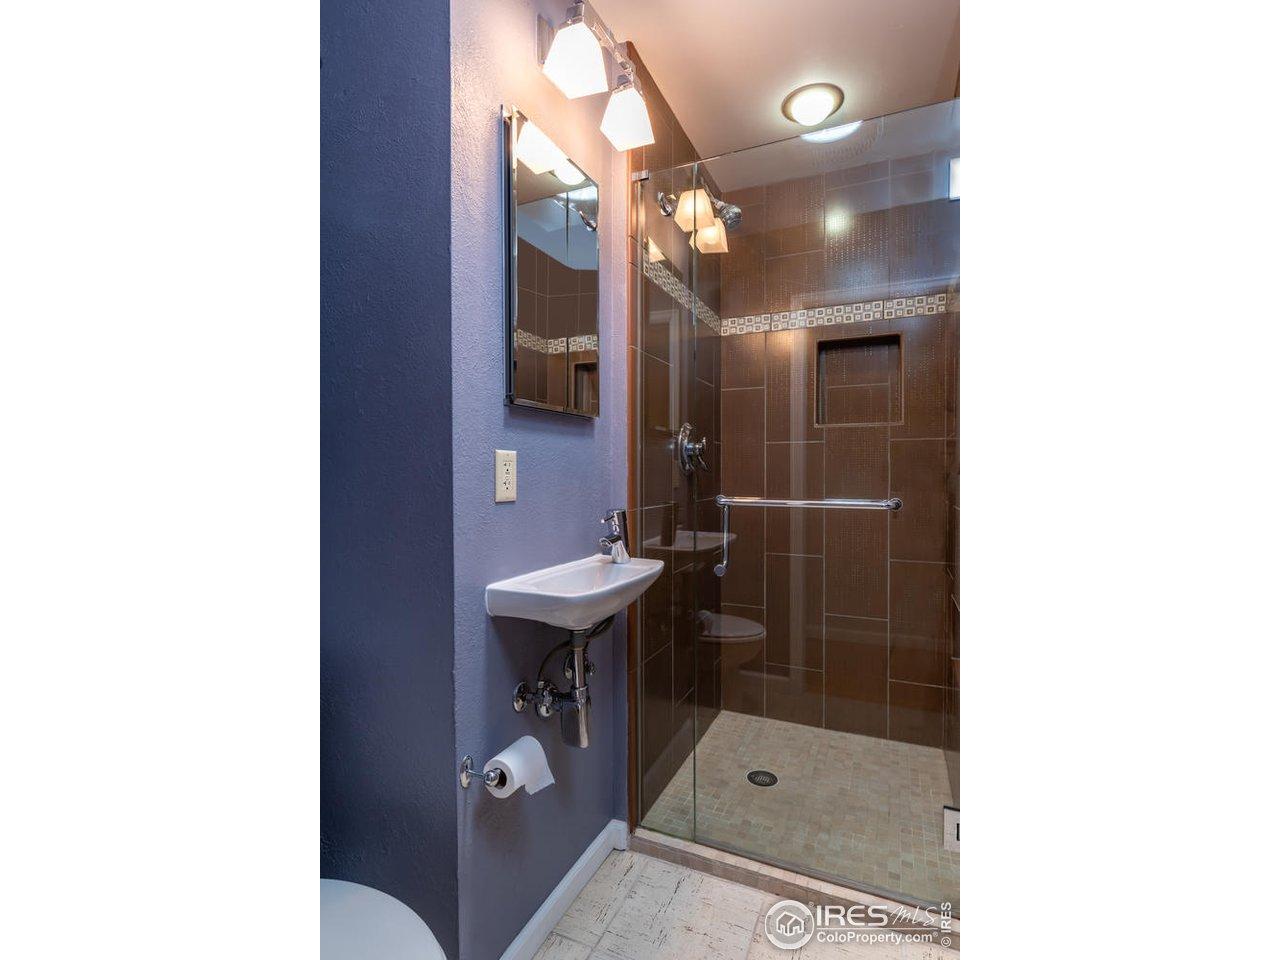 Remodeled 3/4 bathroom